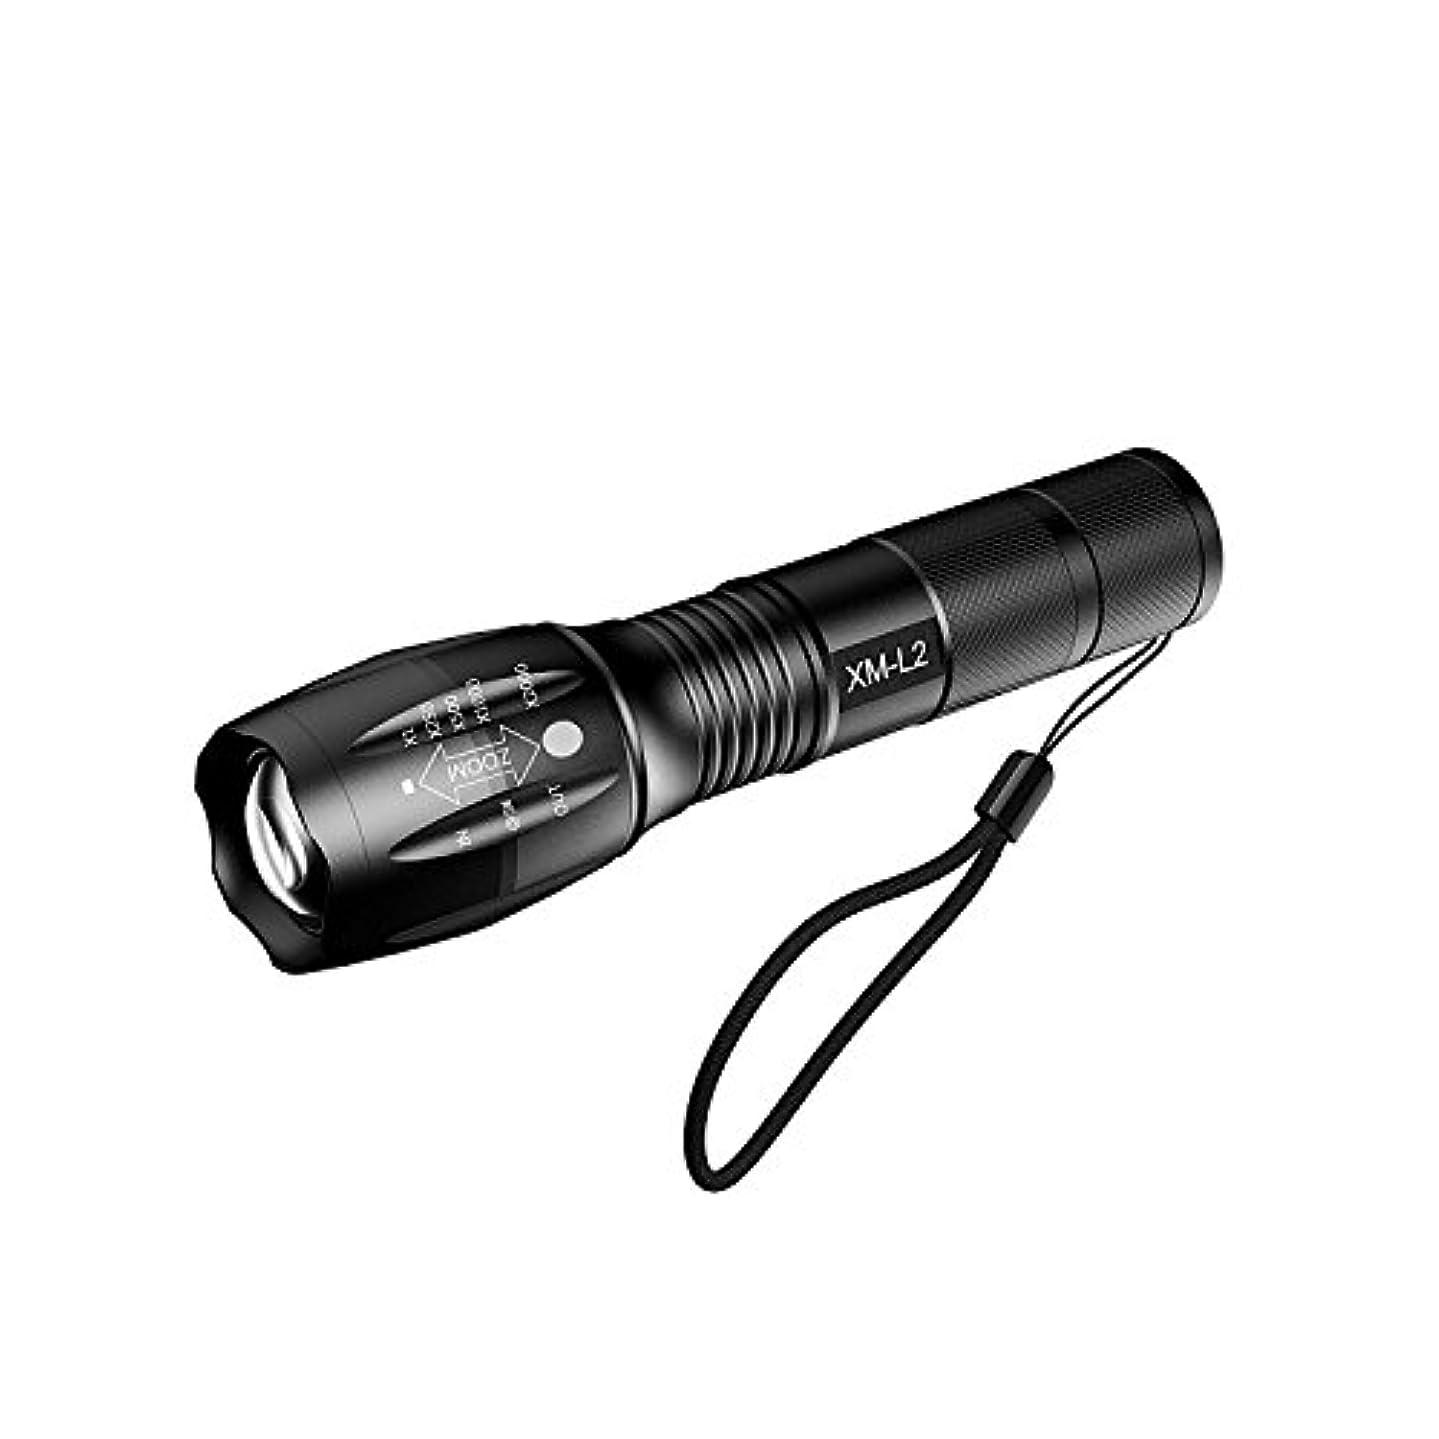 意識的努力するキャンベラKeepjoy LED懐中電灯 ハンディライト 超高輝度 米CREE社製 ズーム式 XM-L2 5モード アウトドア 強力 防水 防災 軍用